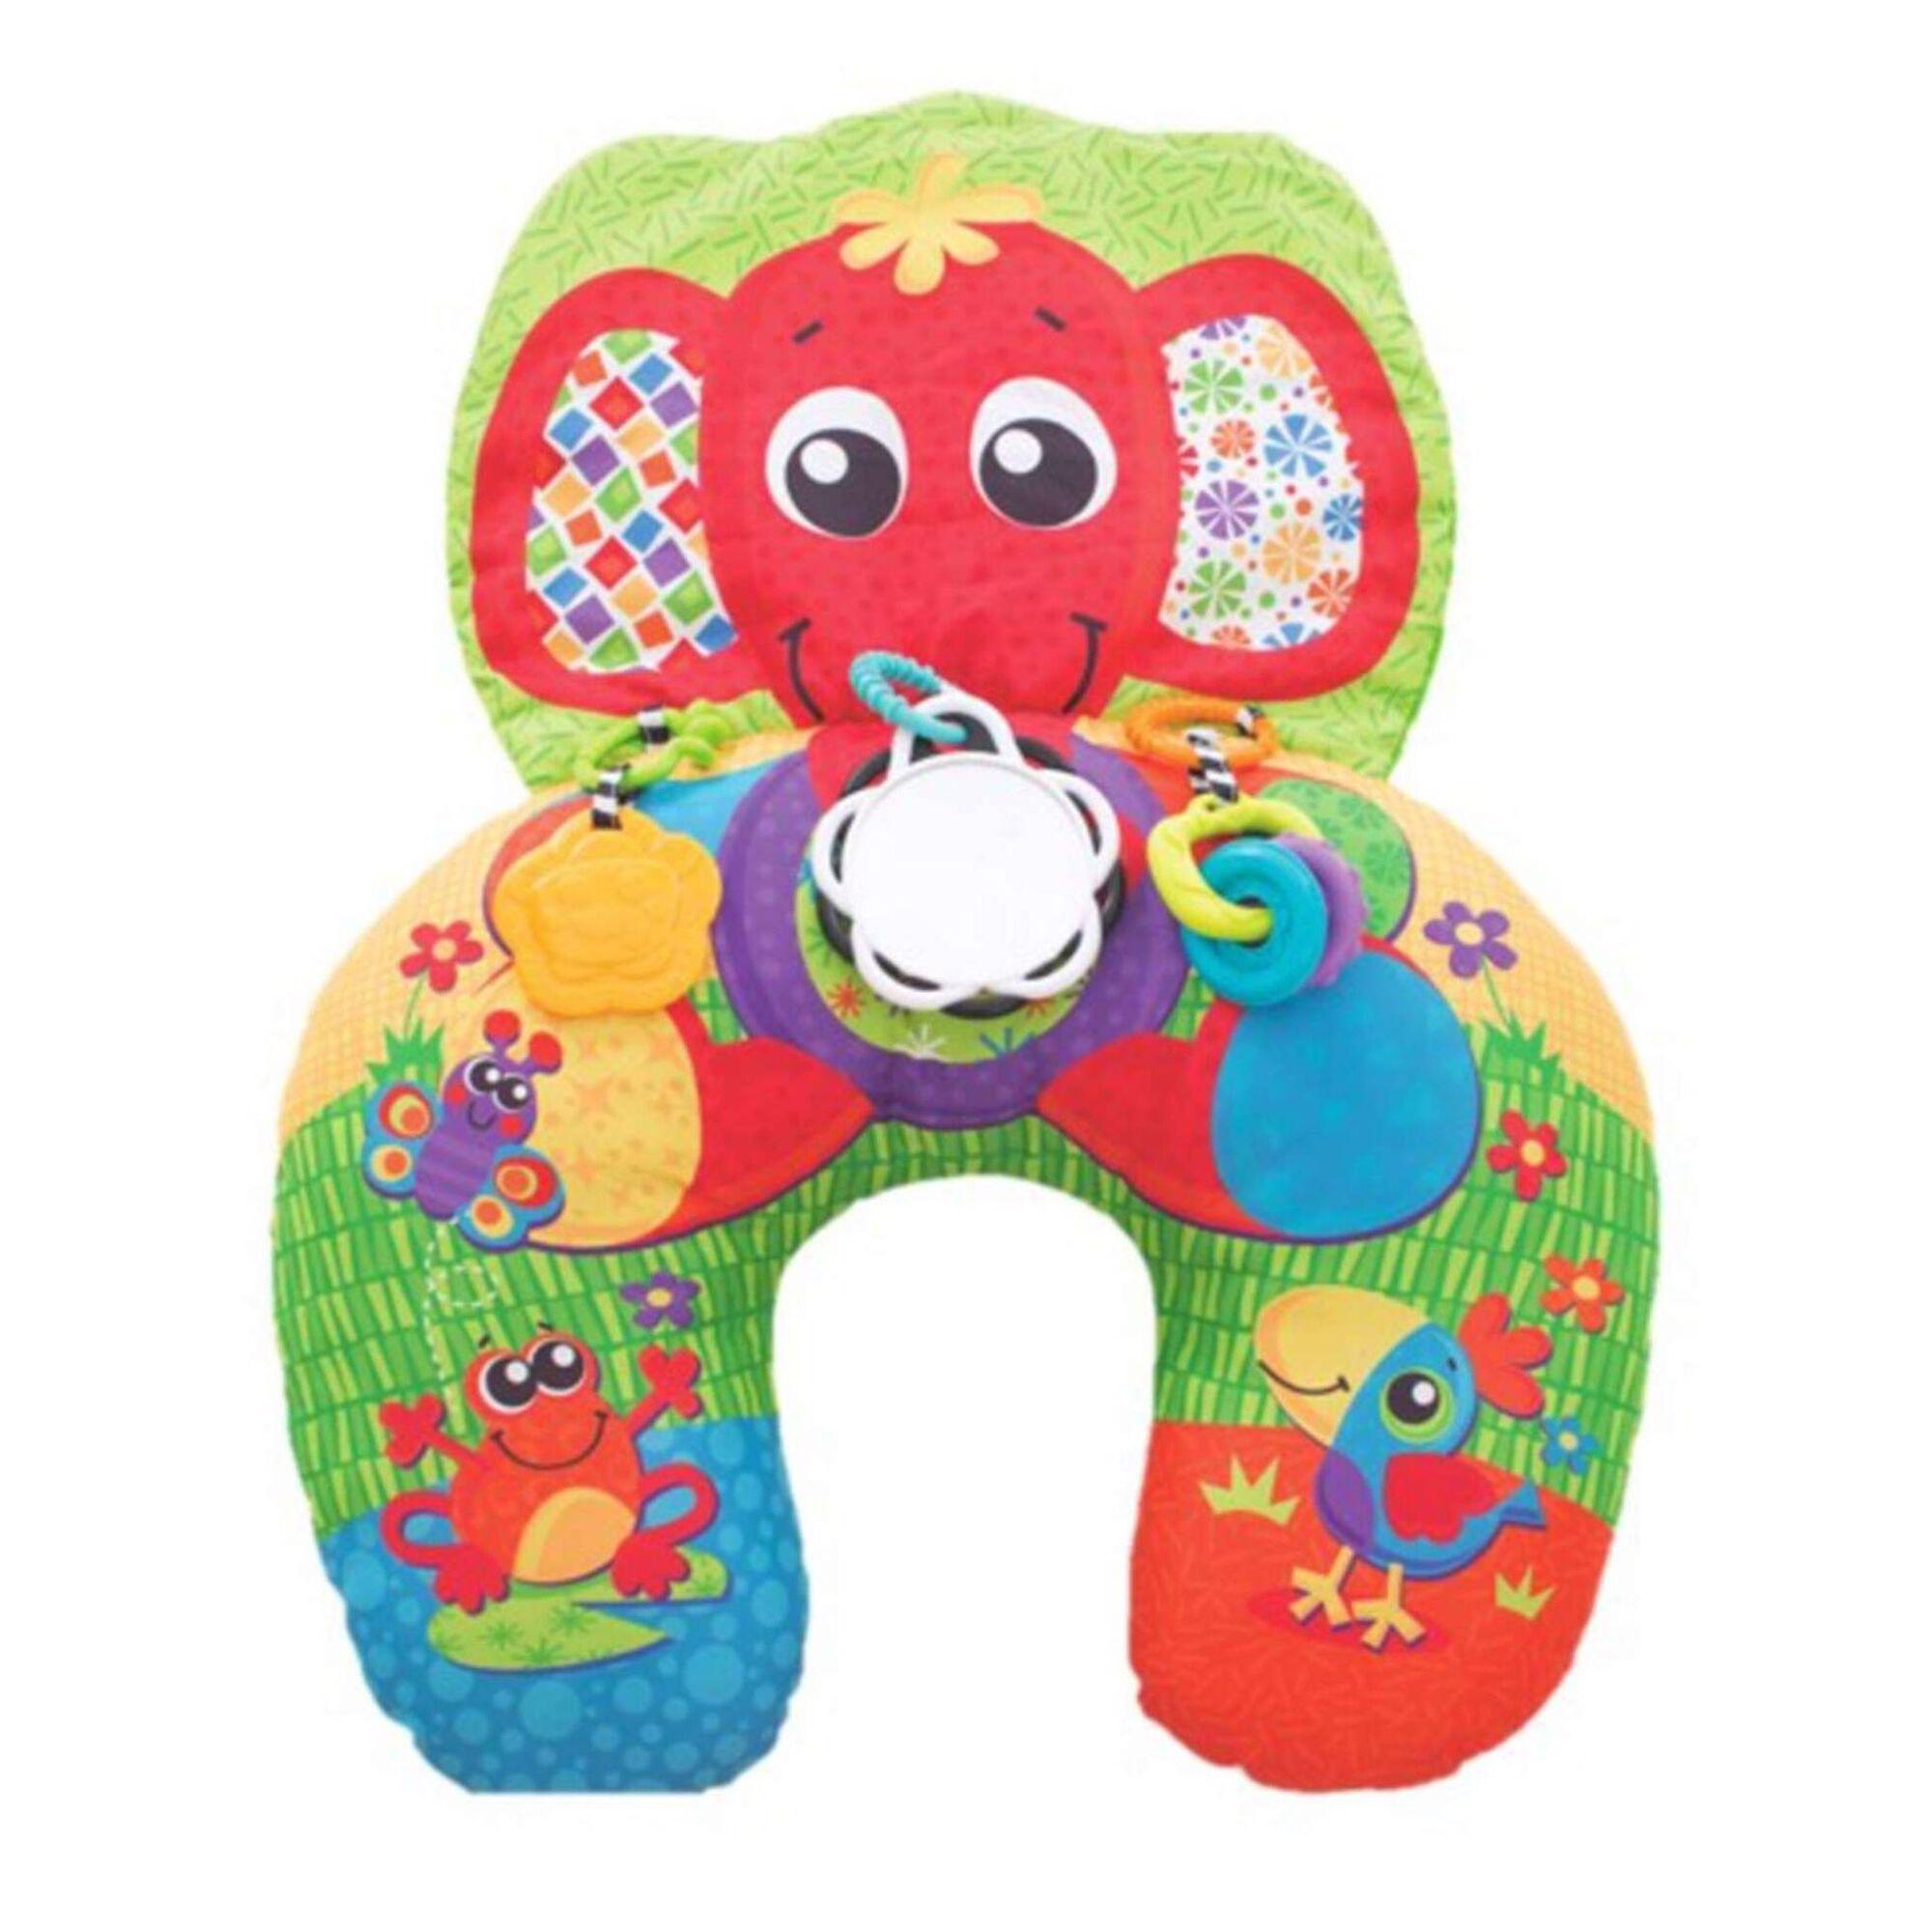 Almofada Elefante com Atividades